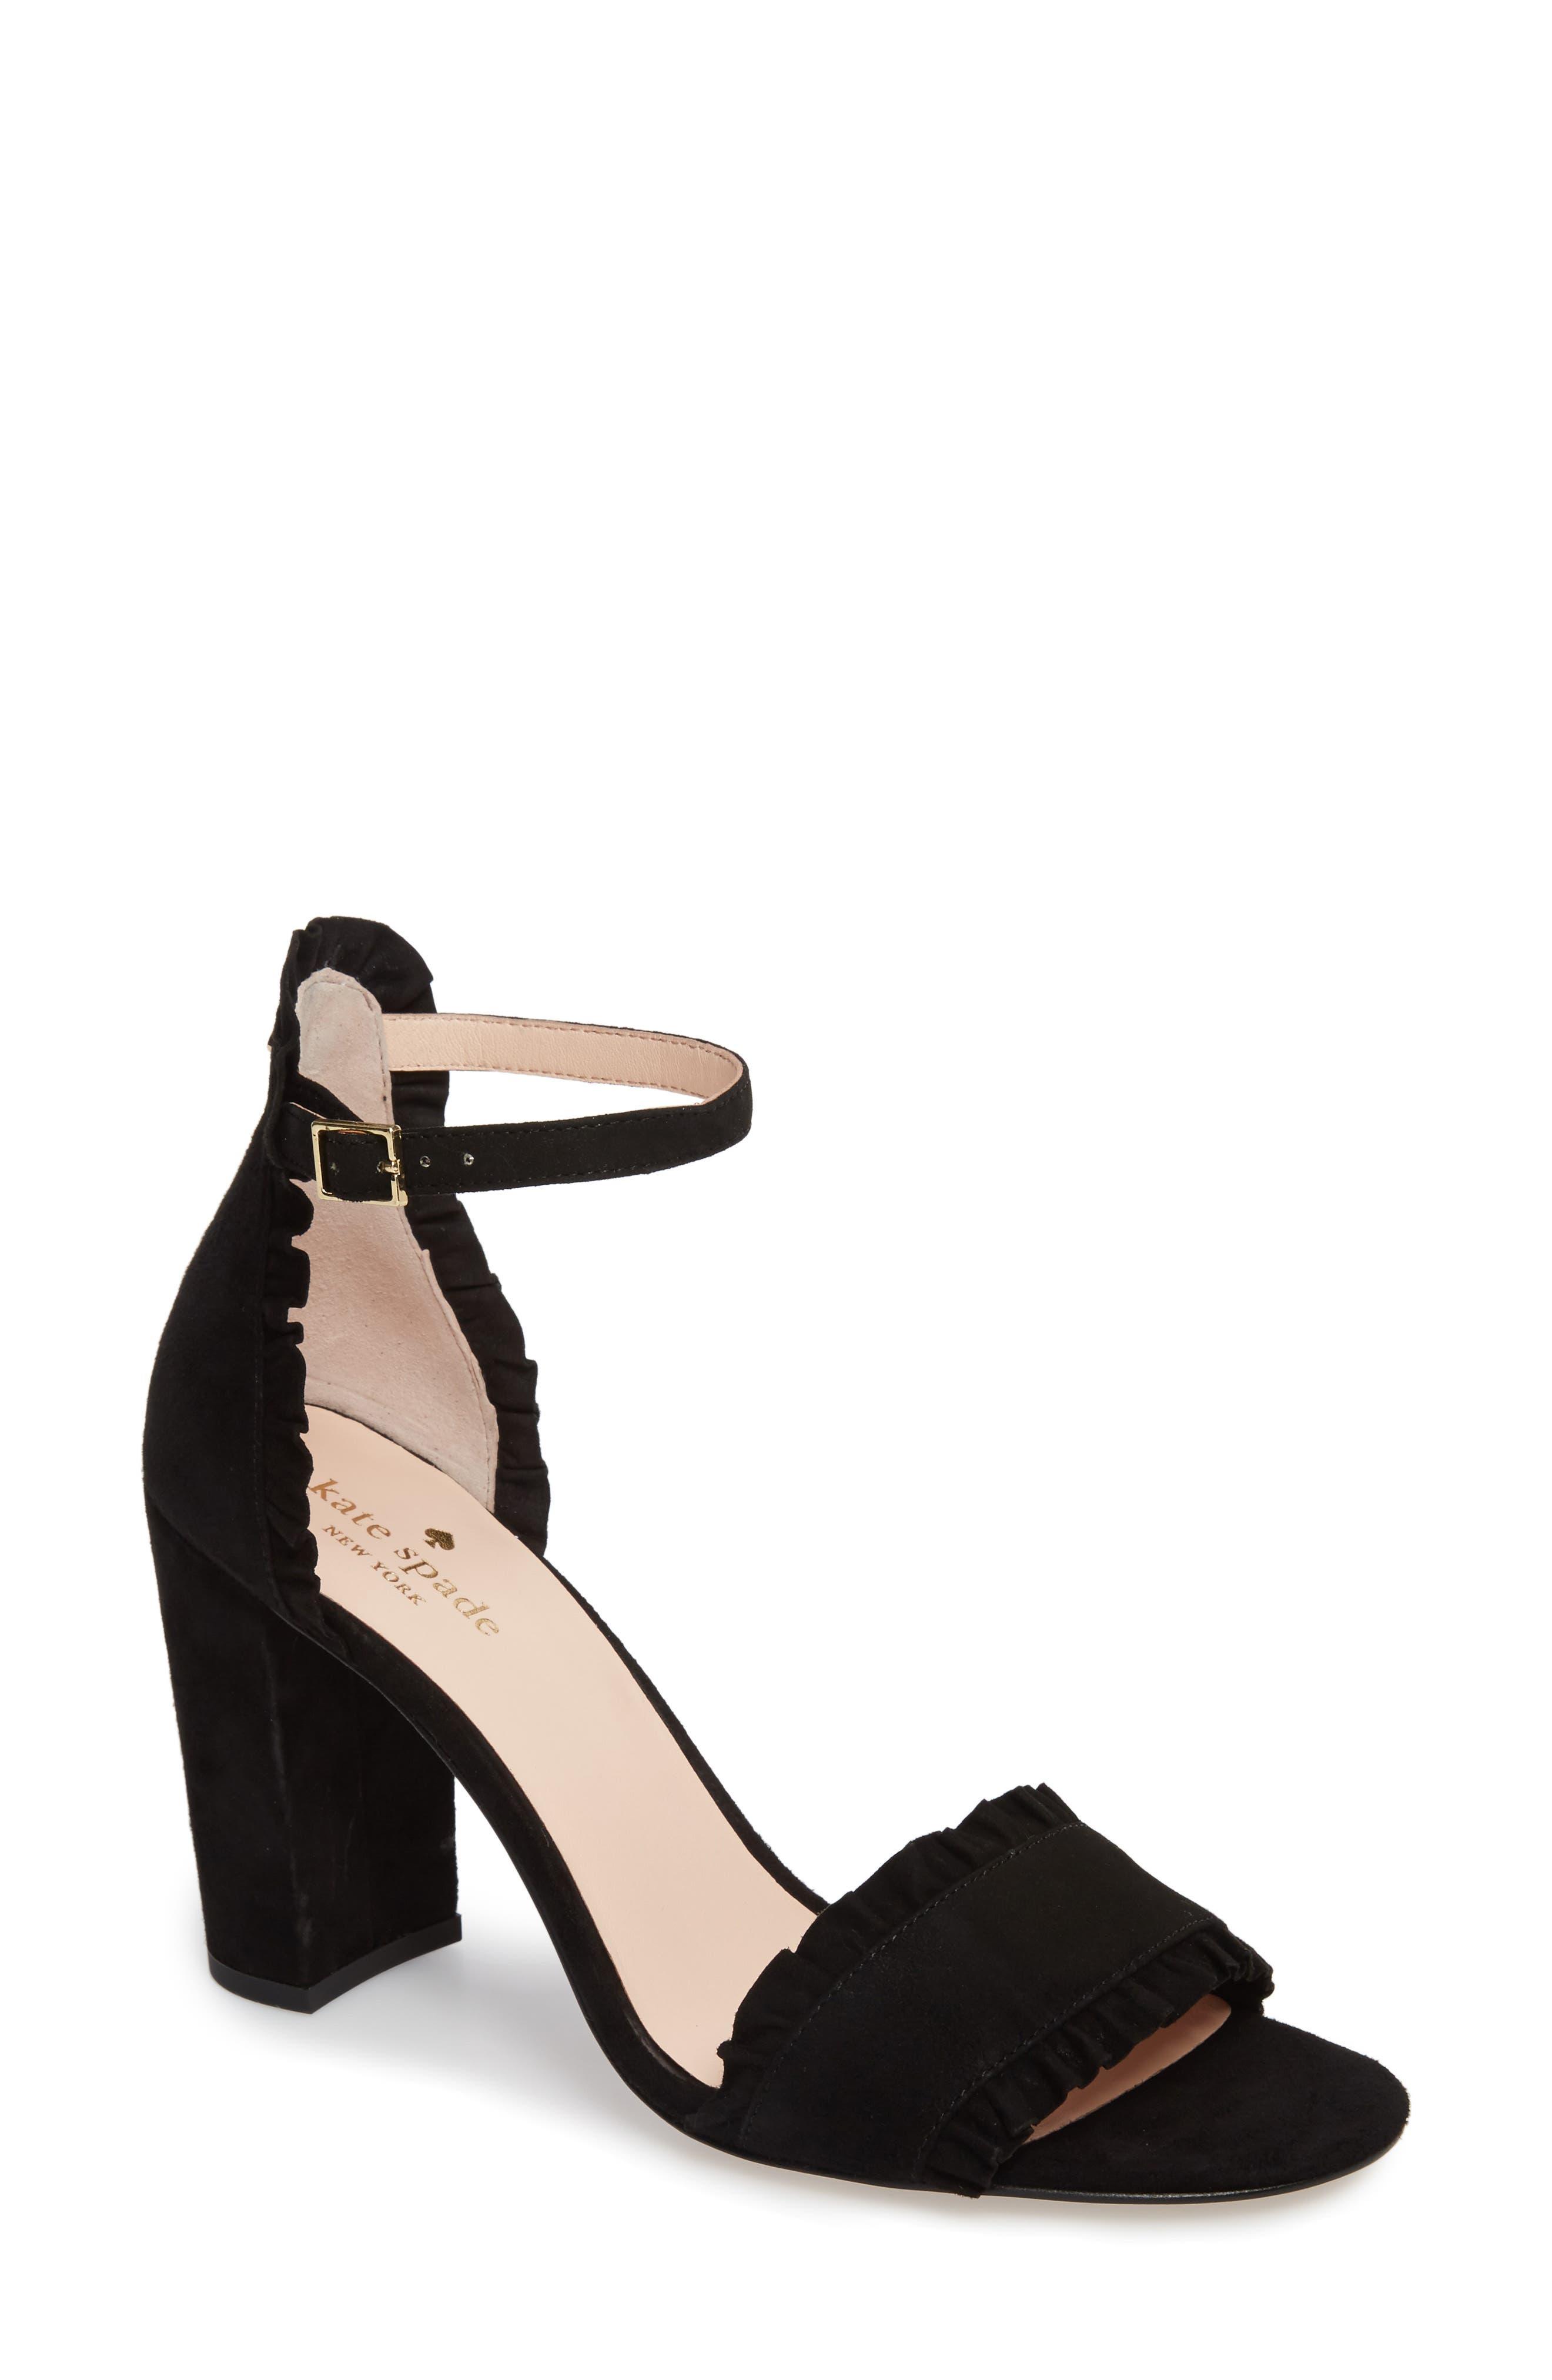 odele ruffle sandal,                             Main thumbnail 1, color,                             001